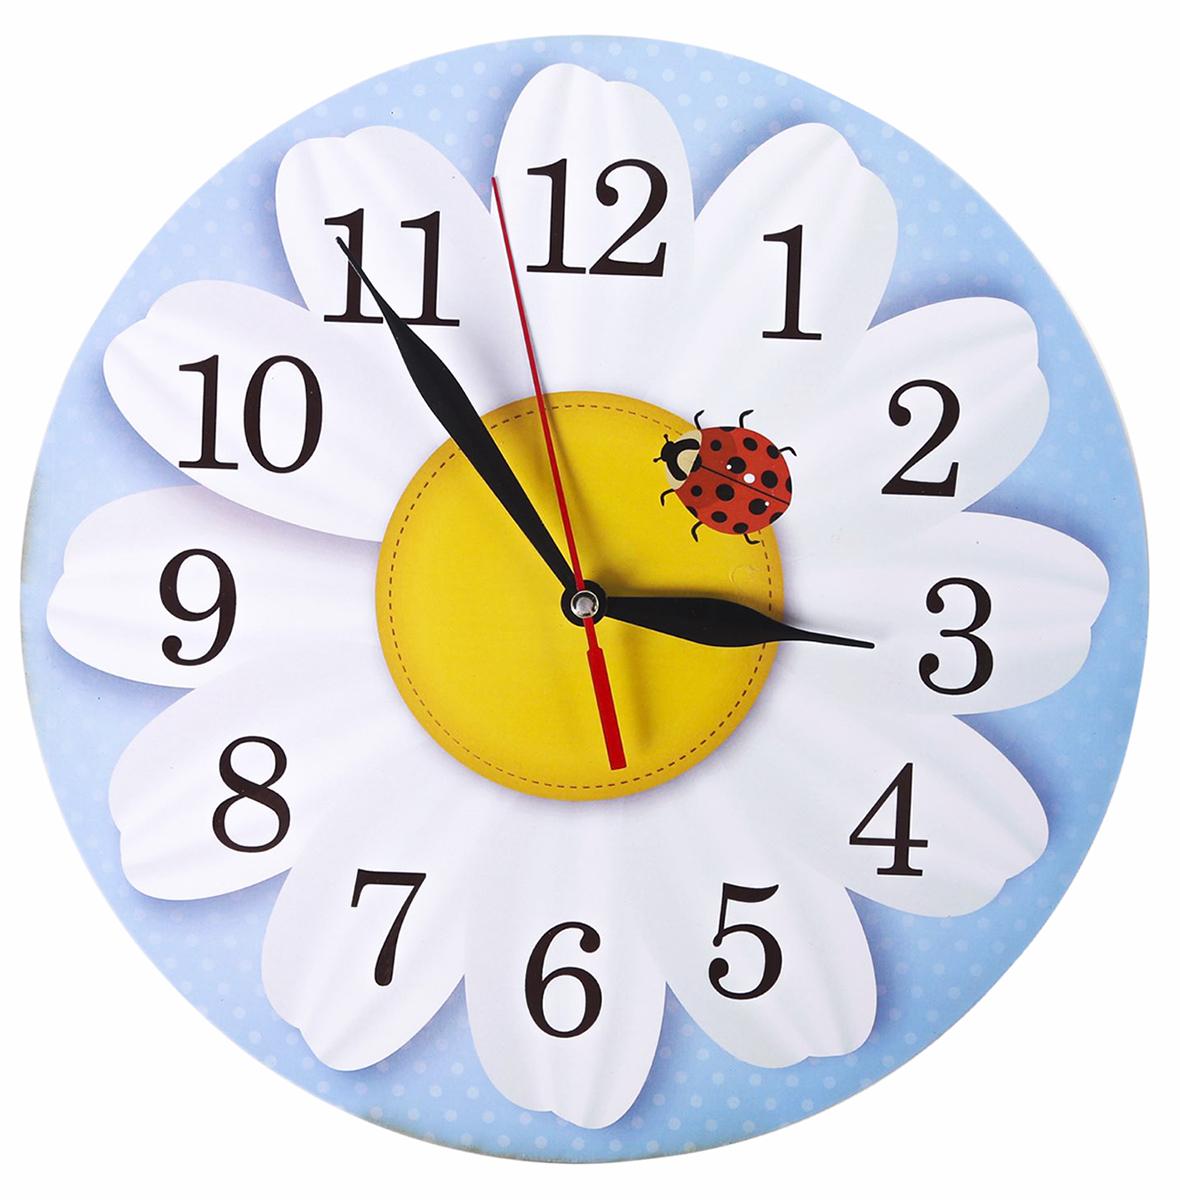 Часы настенные Ромашка, диаметр 25 см крючки настенные мультидом планка 5 крючками ромашка